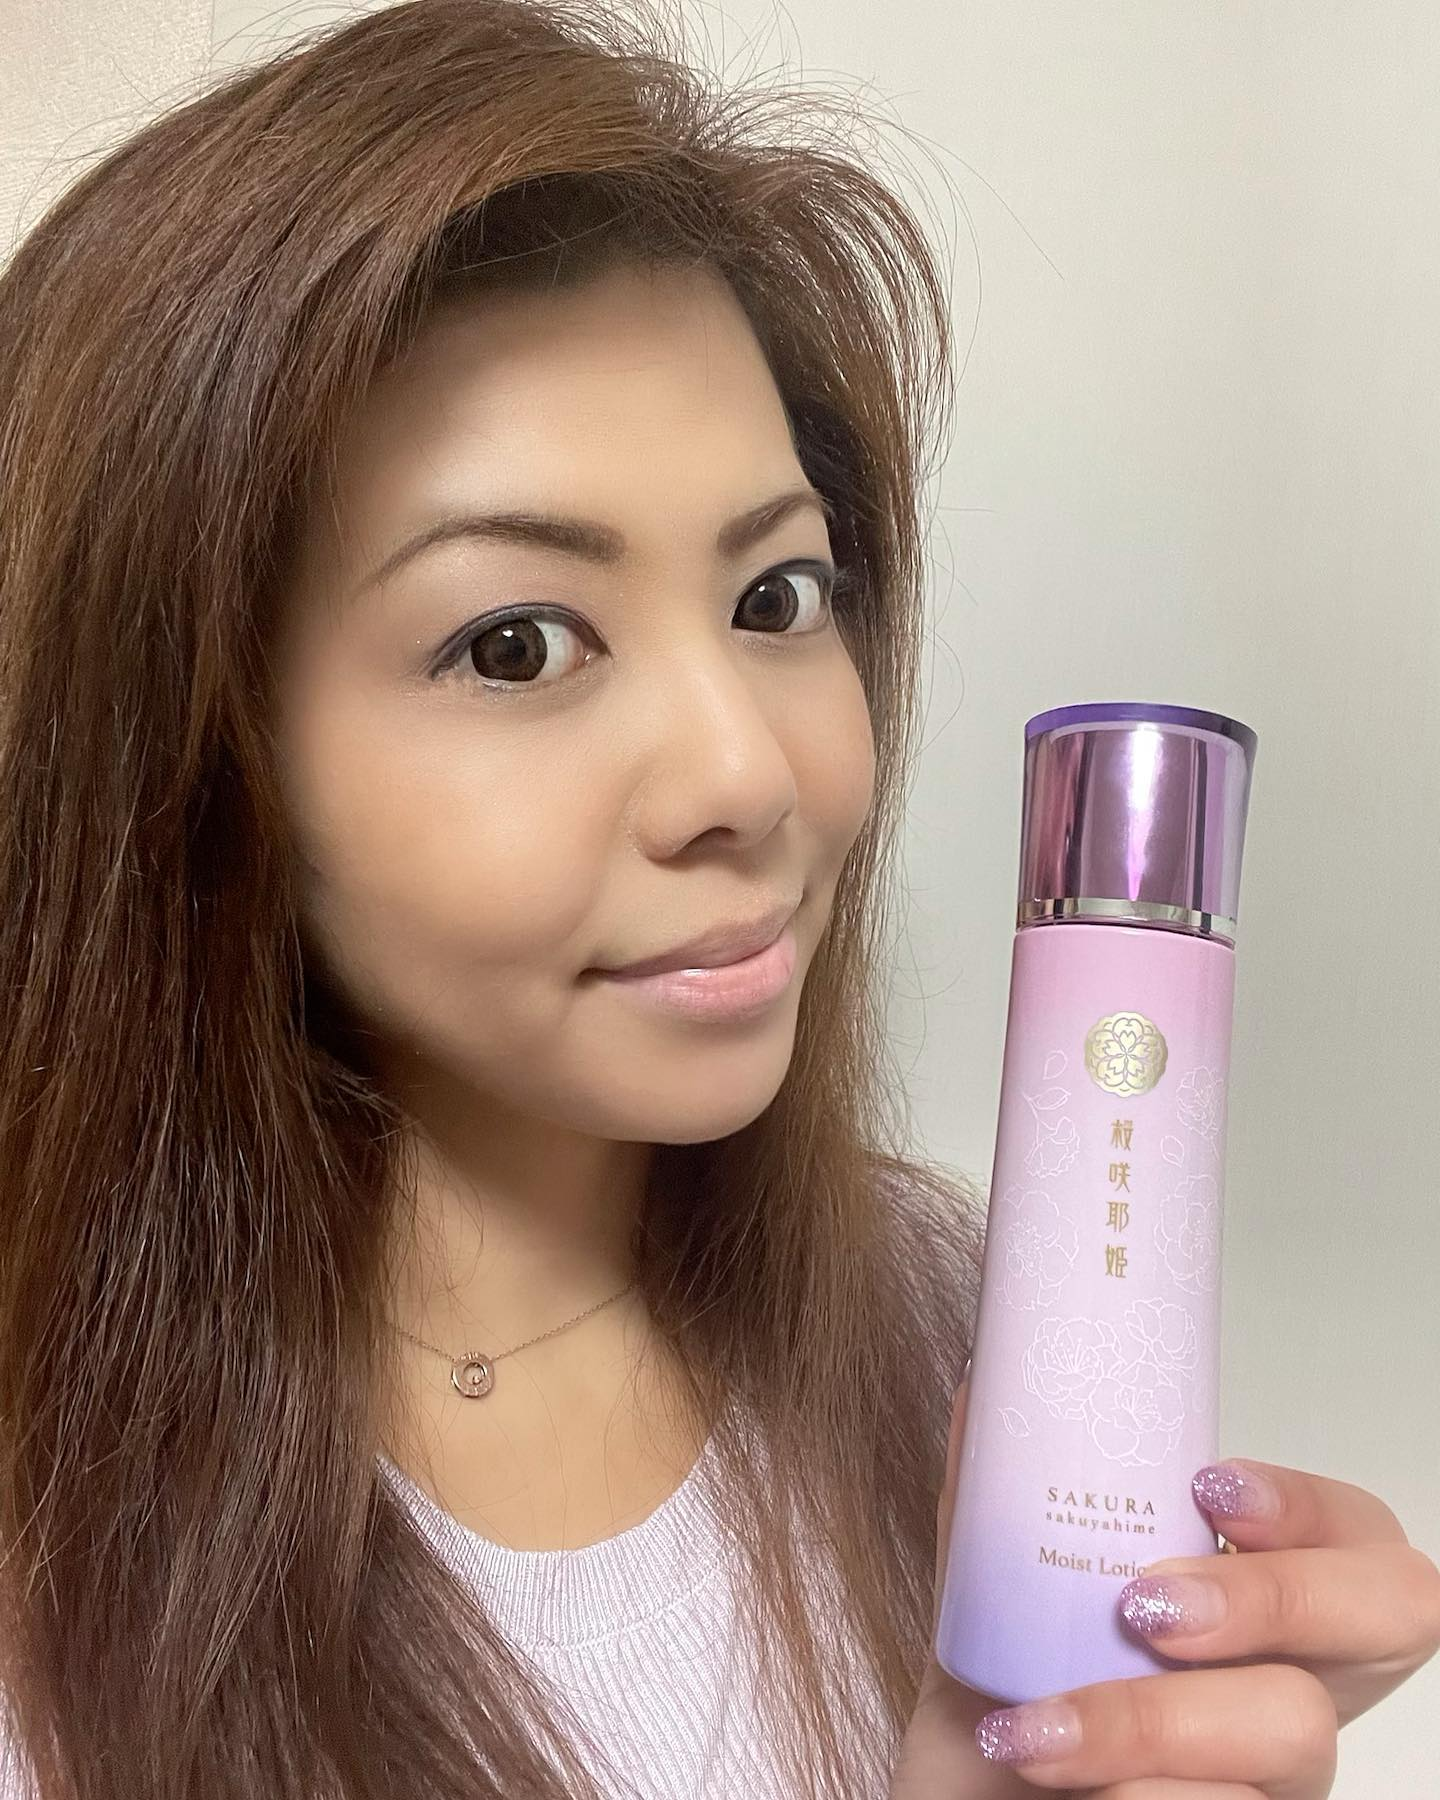 口コミ投稿:⭐️@sakurasakuyahime 様の桜咲耶姫 モイストローション(化粧水)を使ってみまし…